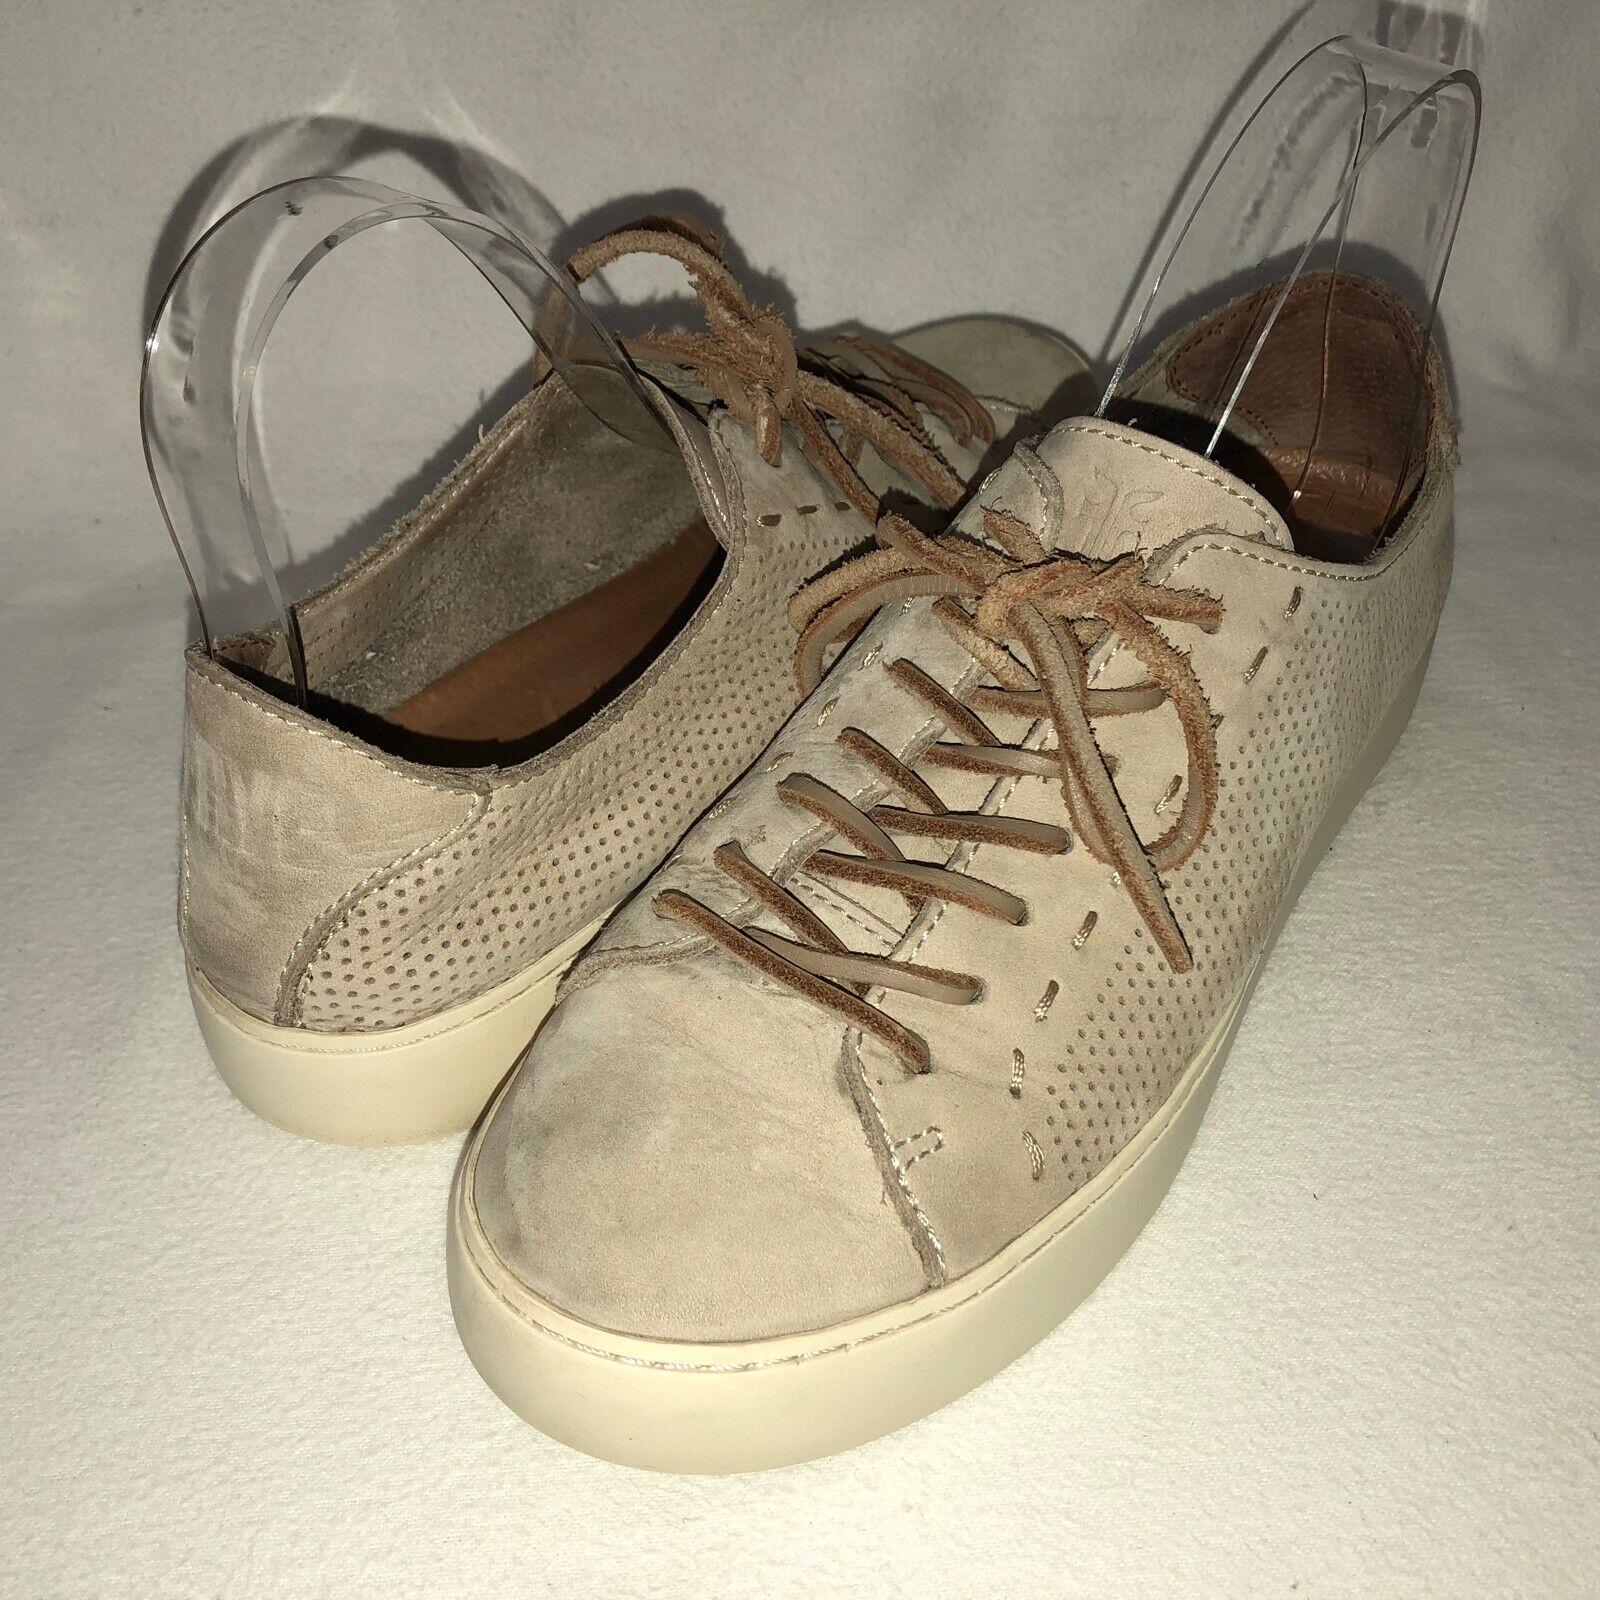 Frye Lena Femme 7.5 m Taupe Perforé Nubuck Cuir Lacets Baskets chaussures